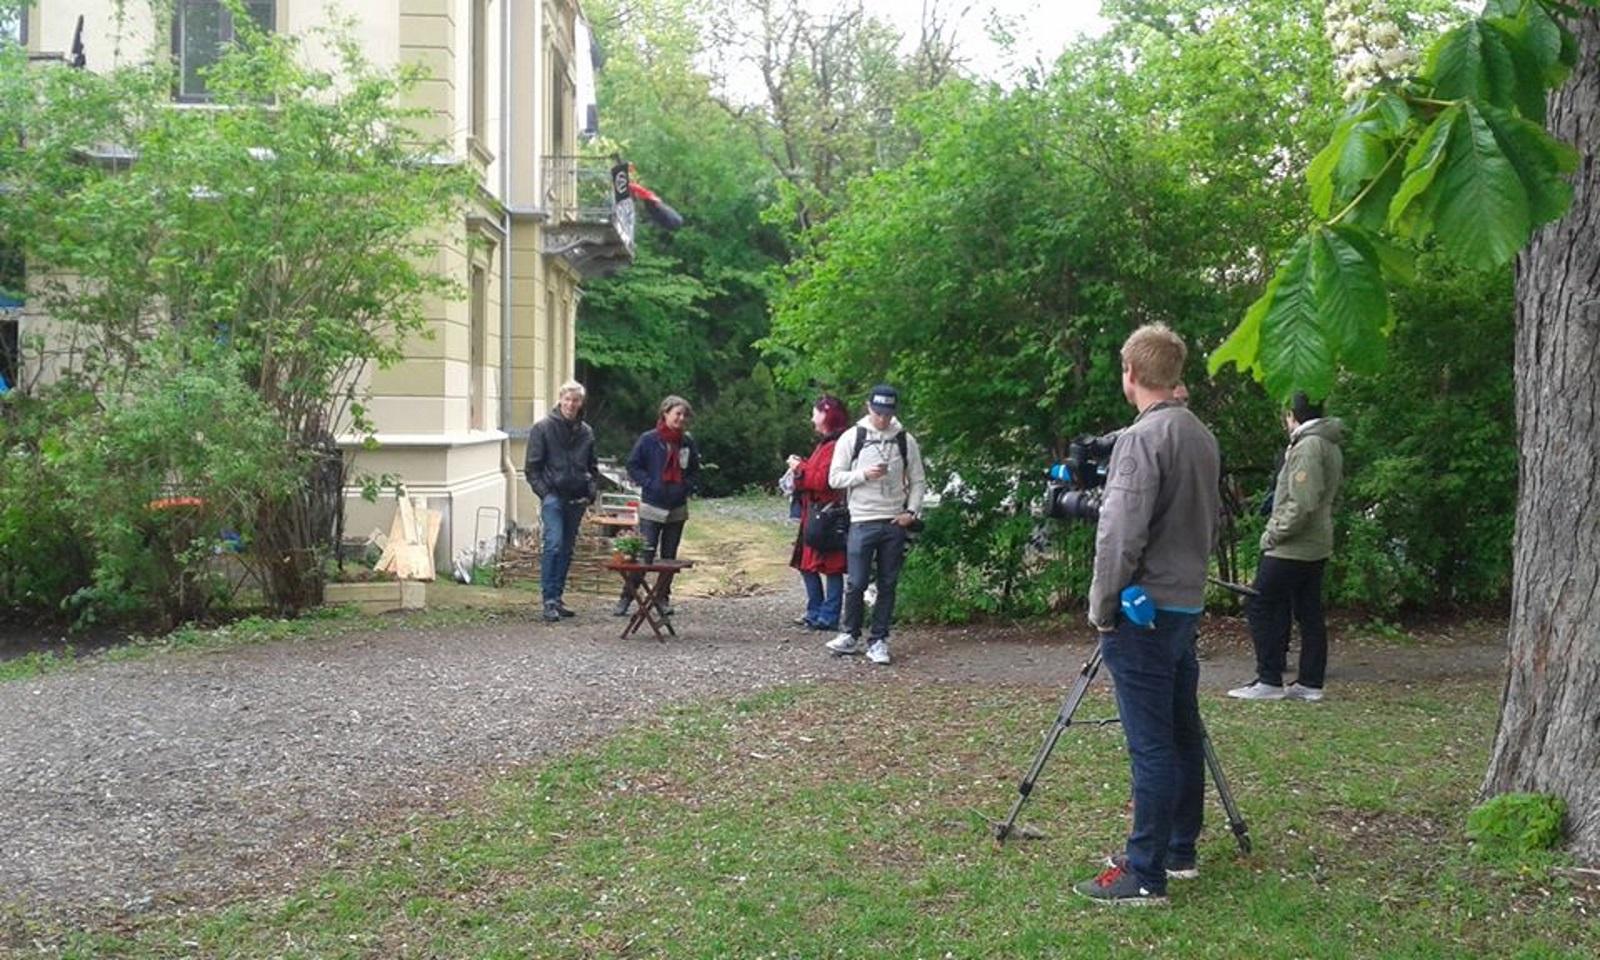 Media og aksjonister venter på utkastelsen fra den okkuperte praktvillaen i Stensparken 27 mai 2015. Foto: Christian Boger